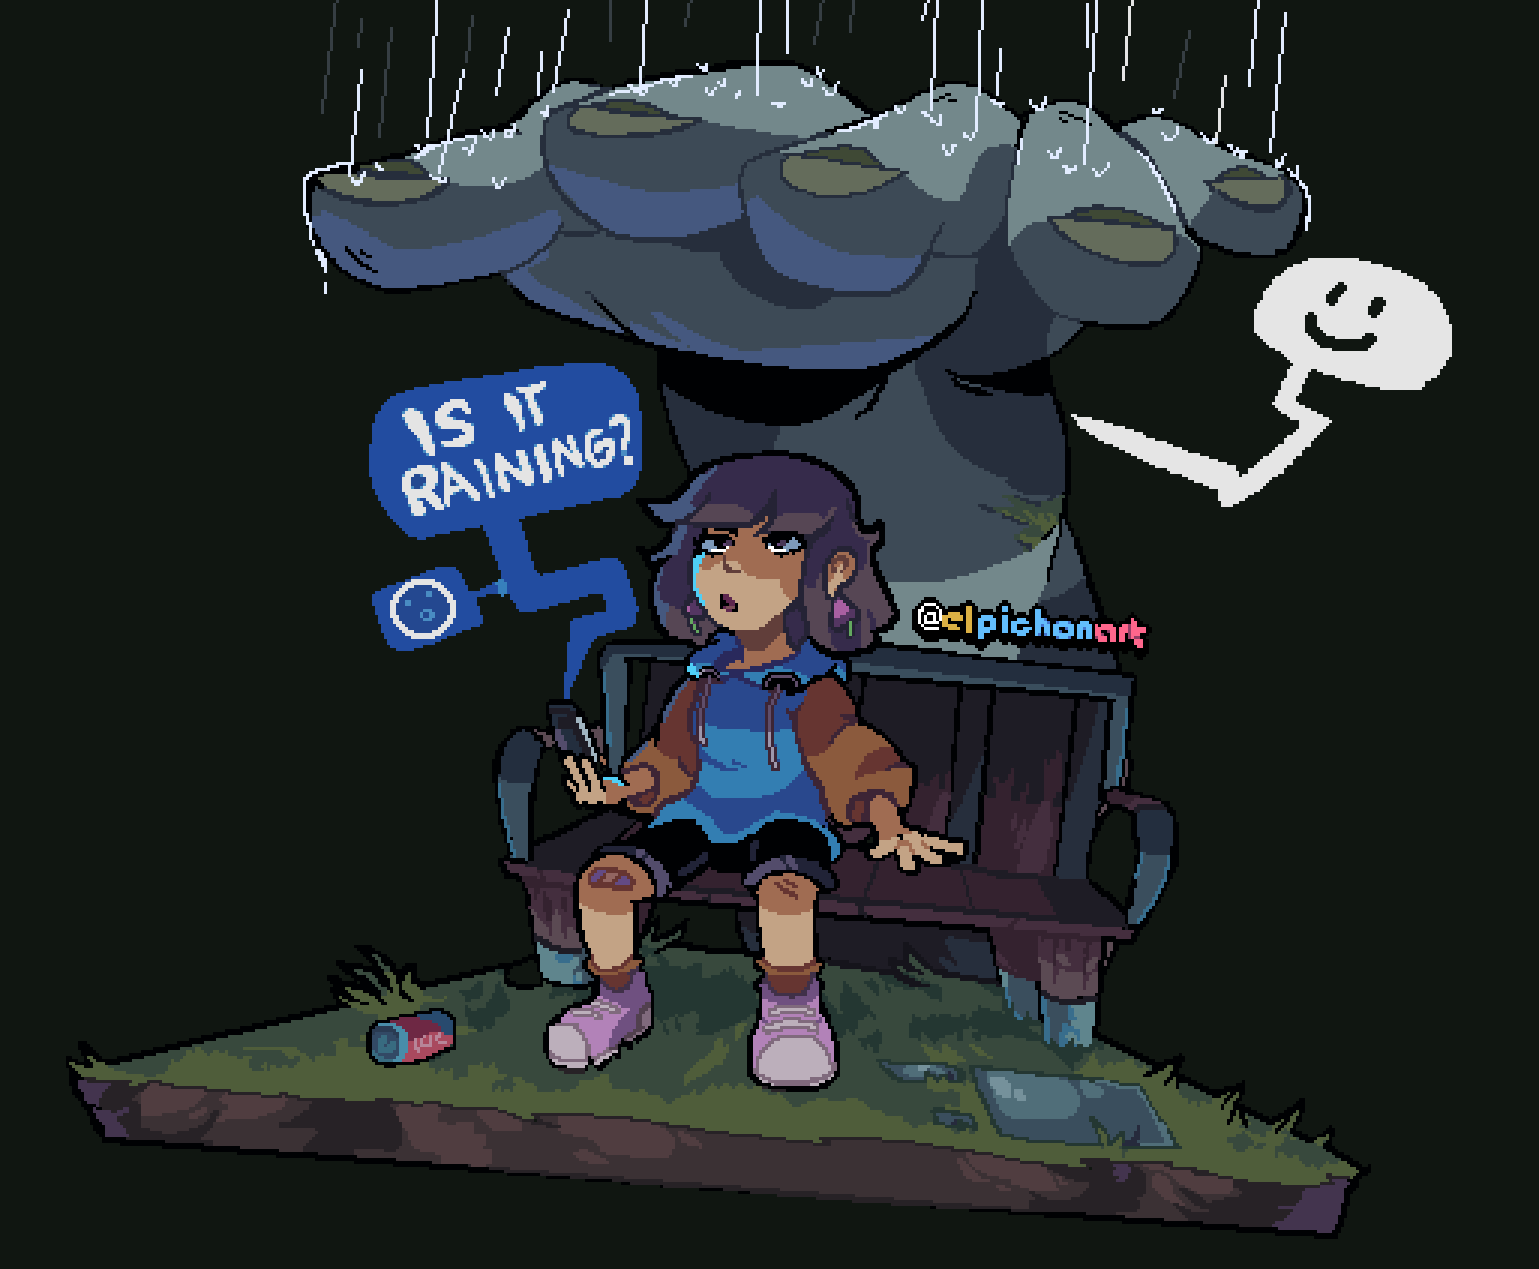 Handy Umbrella